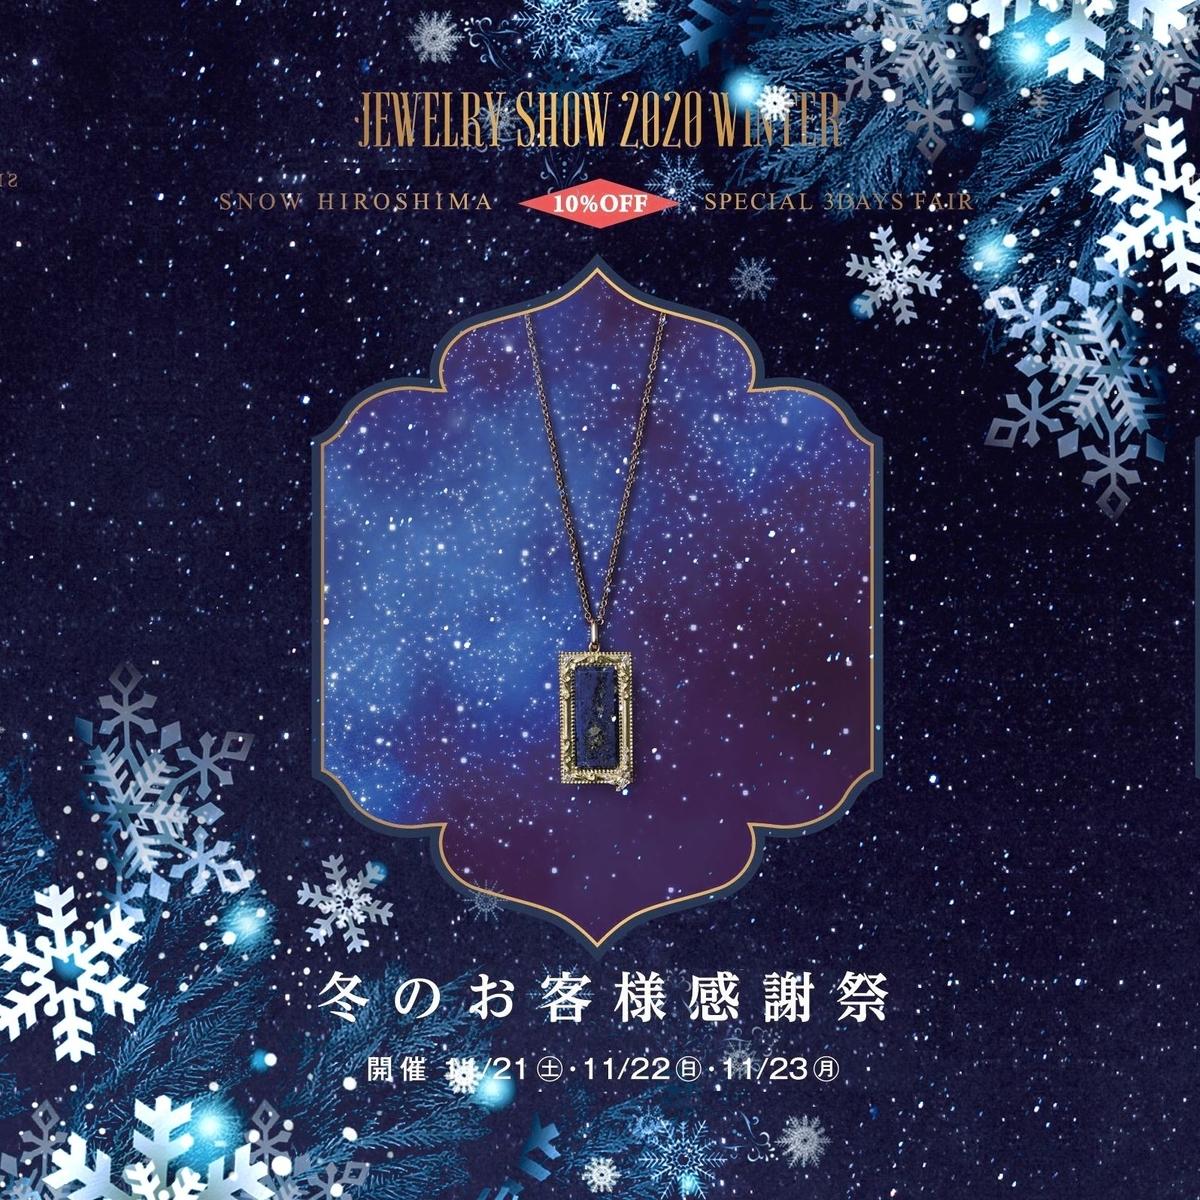 f:id:snow-jewelry-terrace:20201121182913j:plain